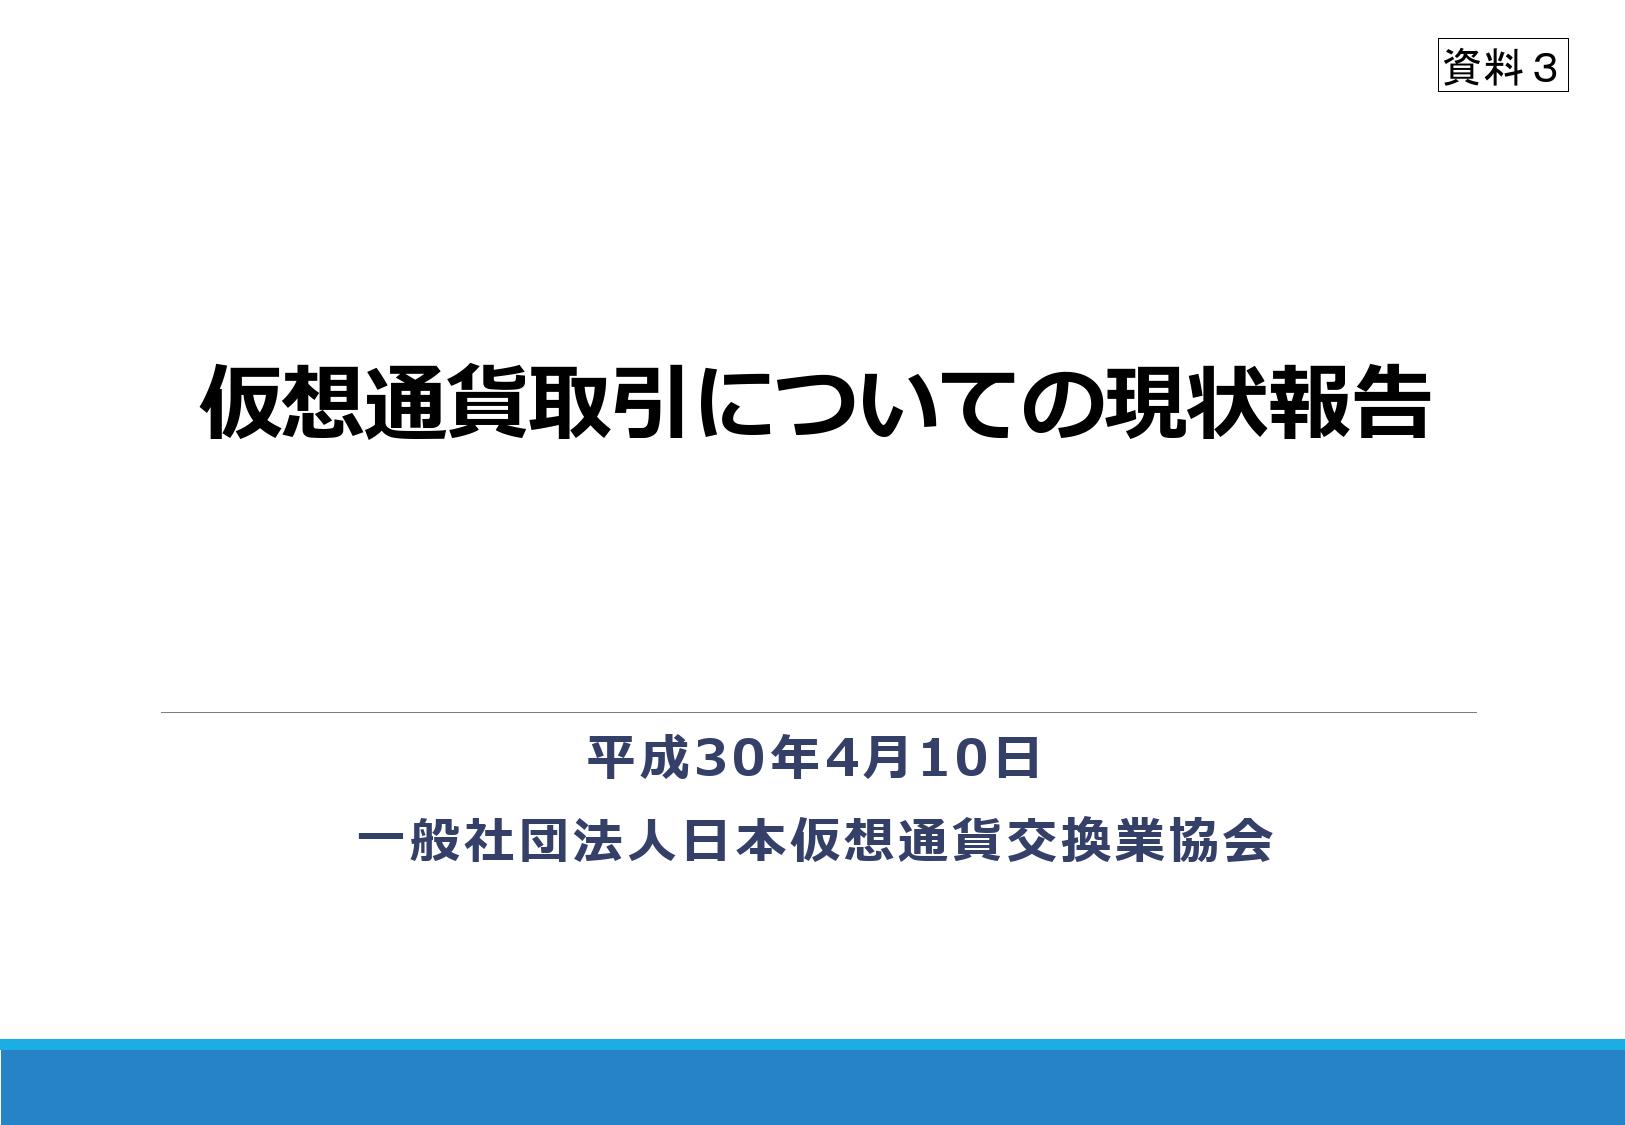 FSA:日本虚拟货币交易现状报告